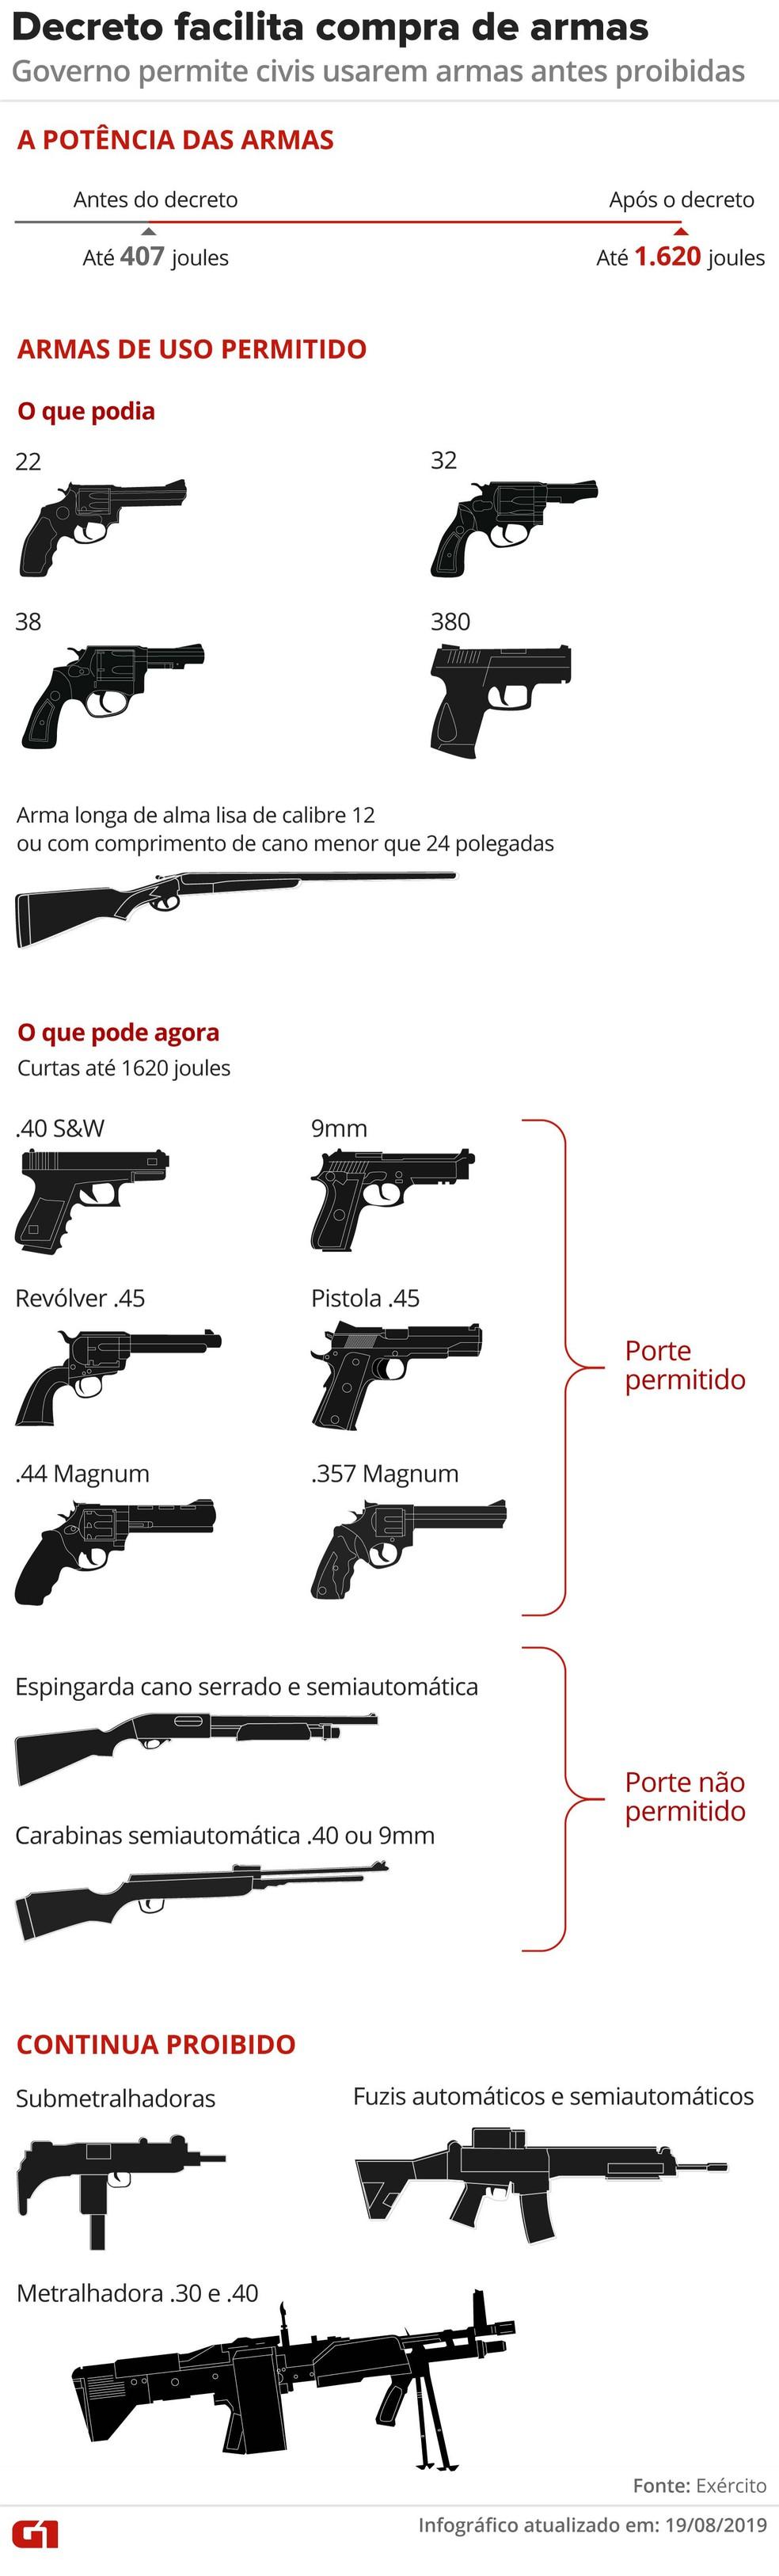 Arte mostra armas que poderão ser usadas por cidadão comum — Foto: Rodrigo Sanches/Arte G1